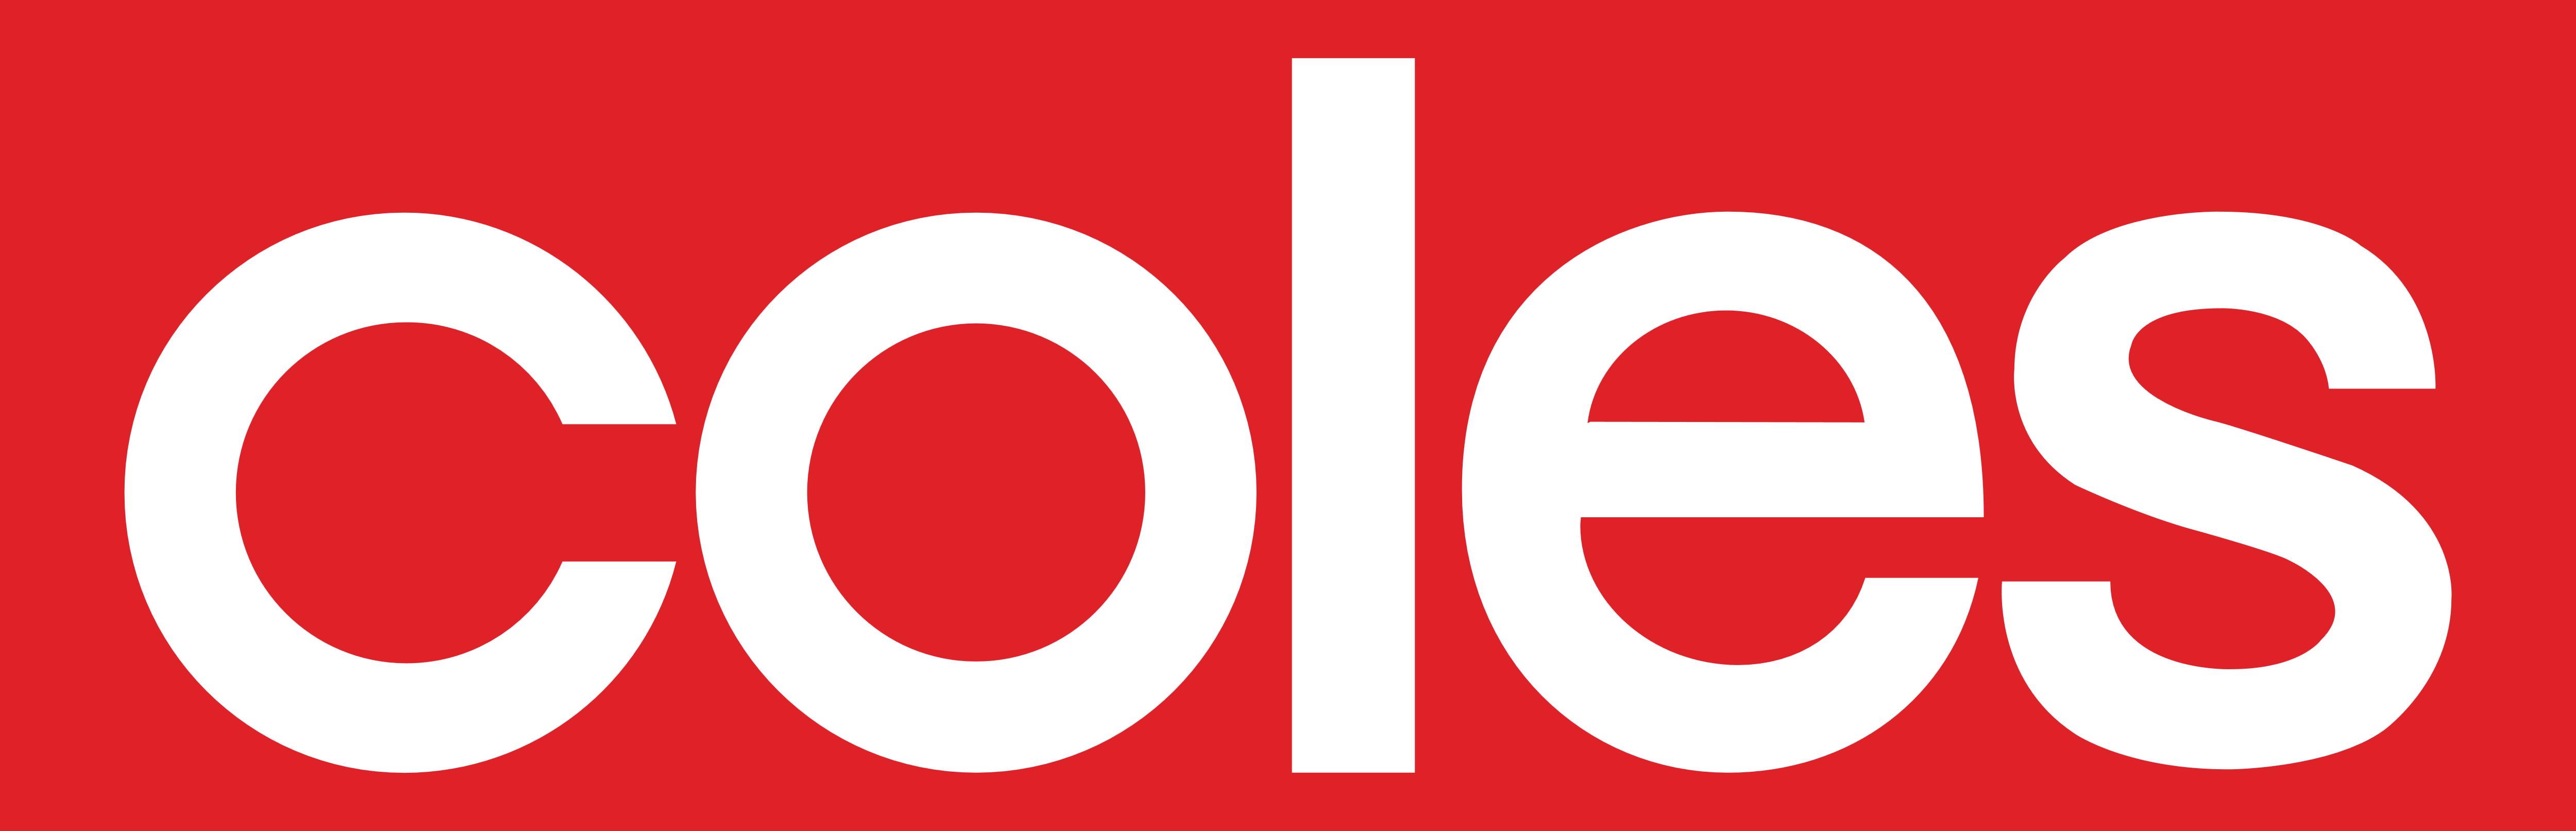 4307 baltimore orioles logo - photo #2